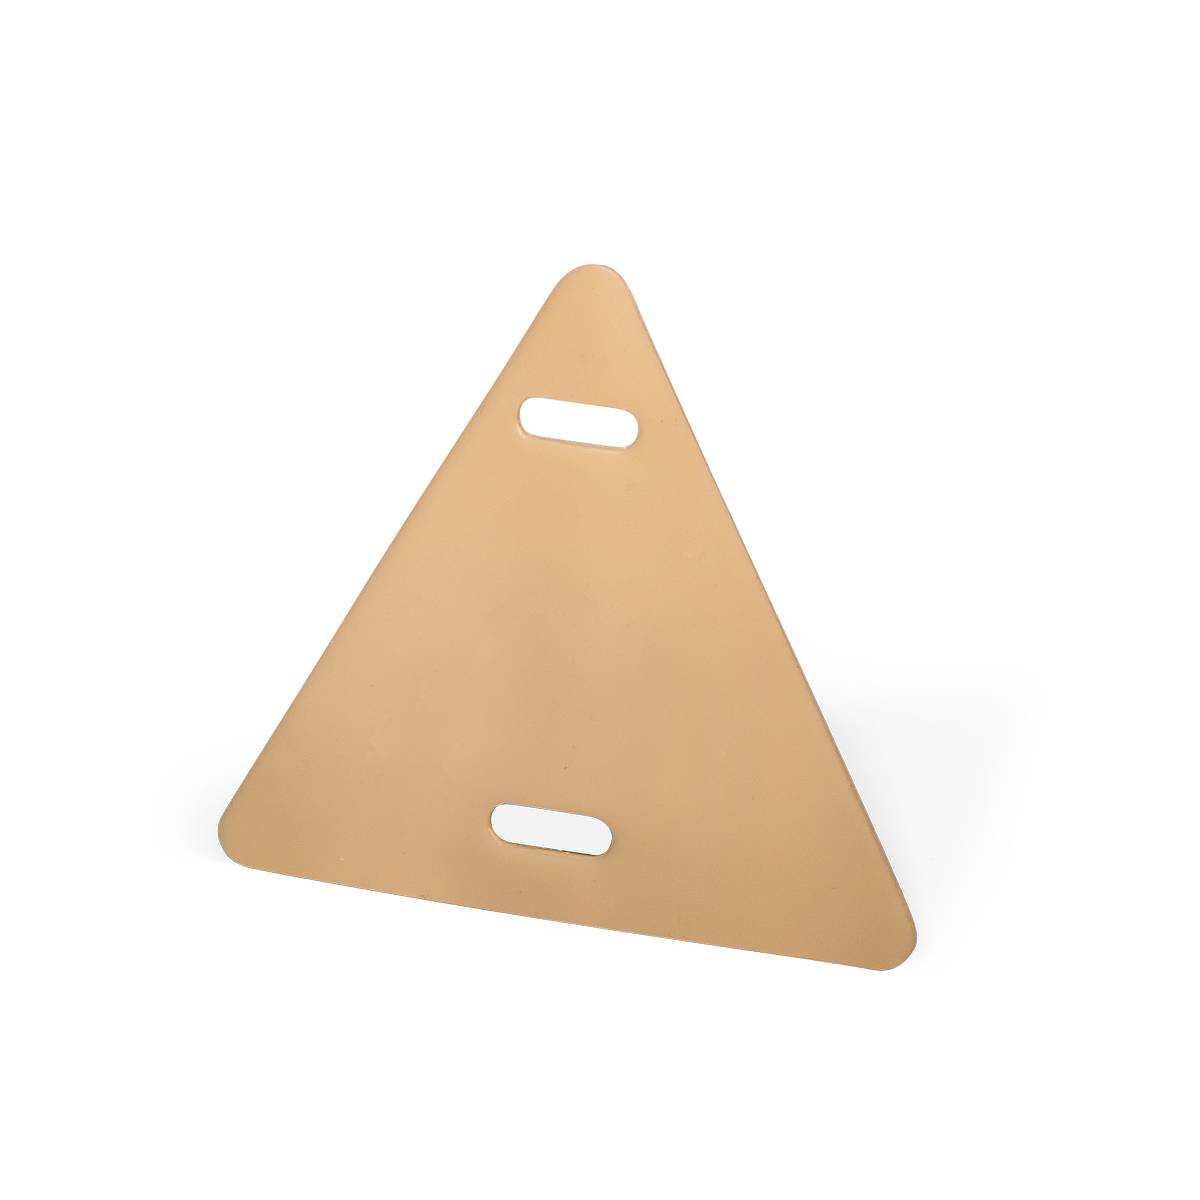 Бирки кабельные маркировочные треугольные